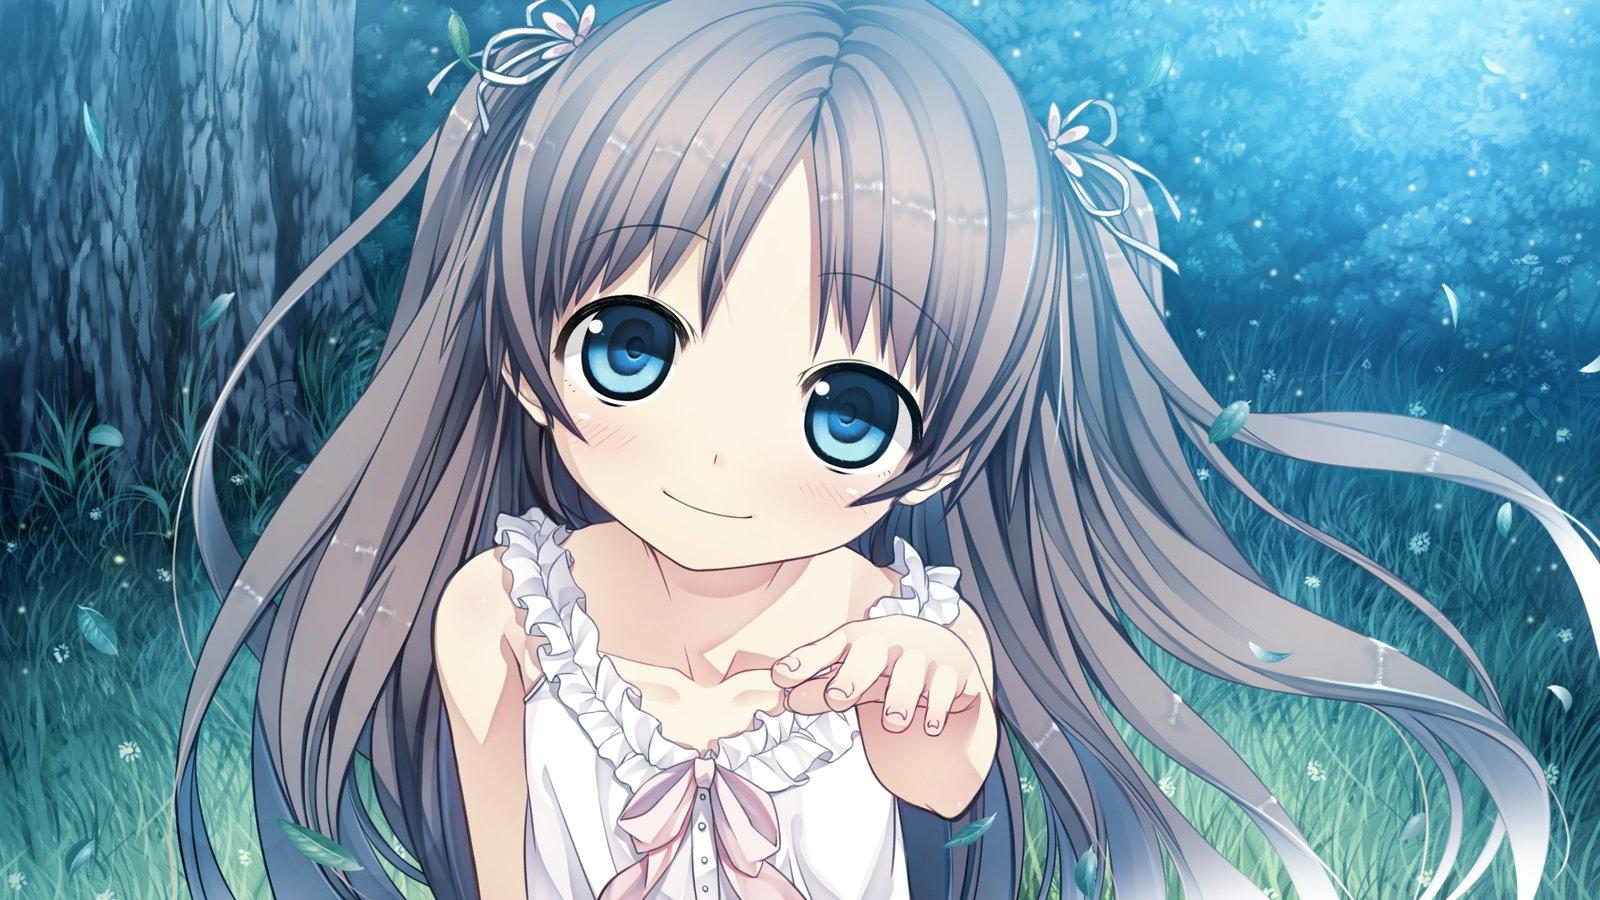 Những hình ảnh Anime girl dễ thương này cũng rất thích hợp để làm Avatar